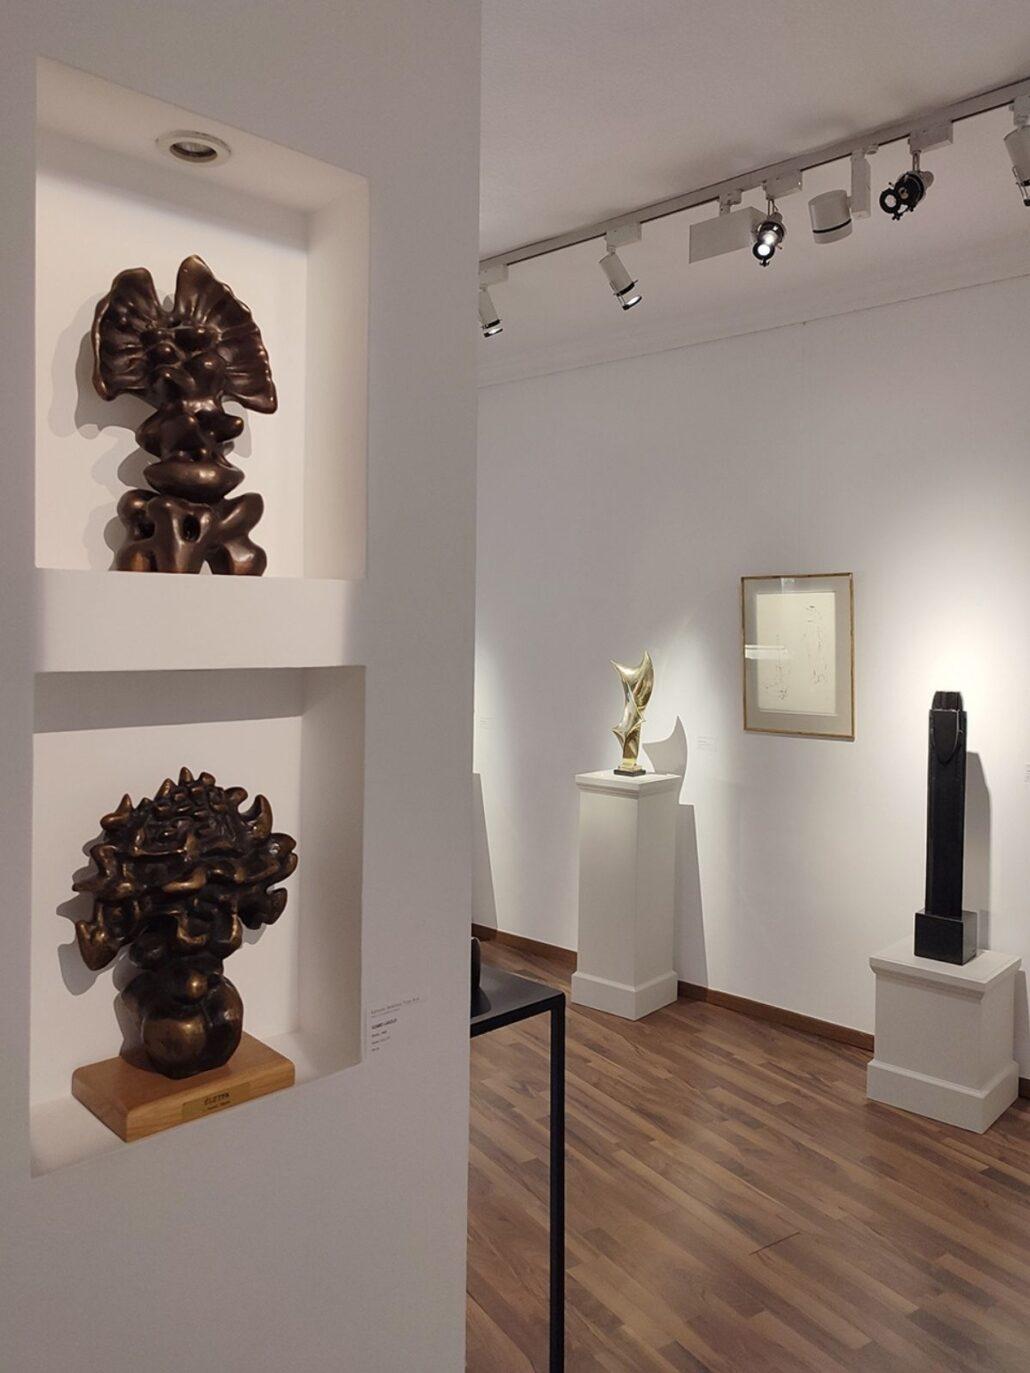 szoborkiallitas 2 Szoborkiállítás: A nagysikerű Magyar-Párizs kiállítás sorozat keretén belül jelenleg a szobrászművészek alkotásait mutatjuk be.